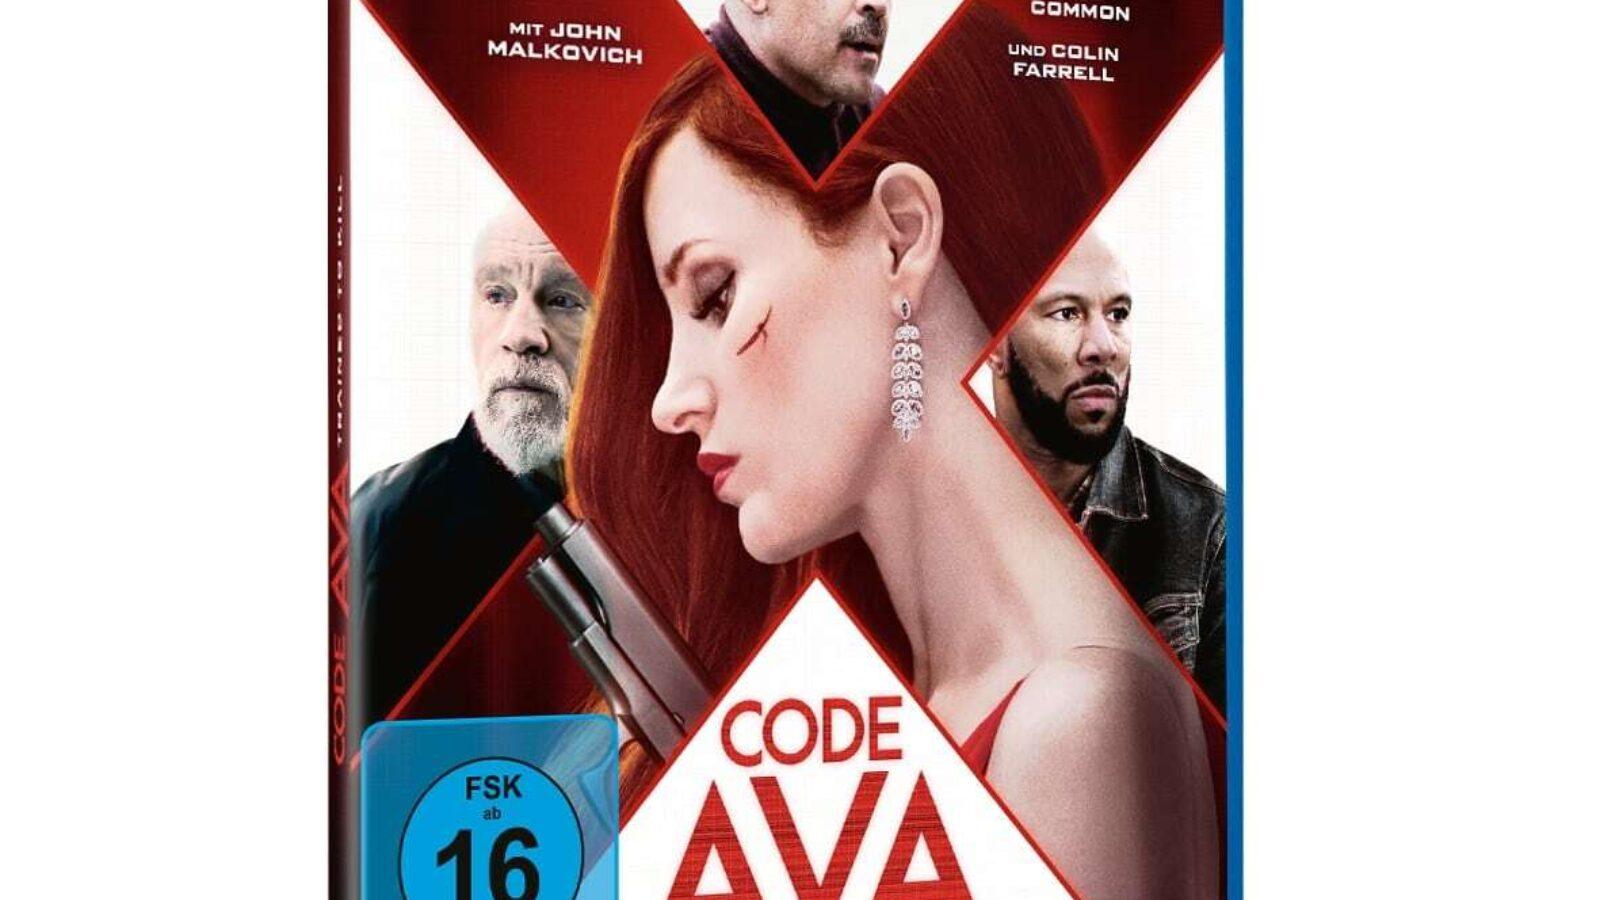 CODE AVA-Trained To Kill